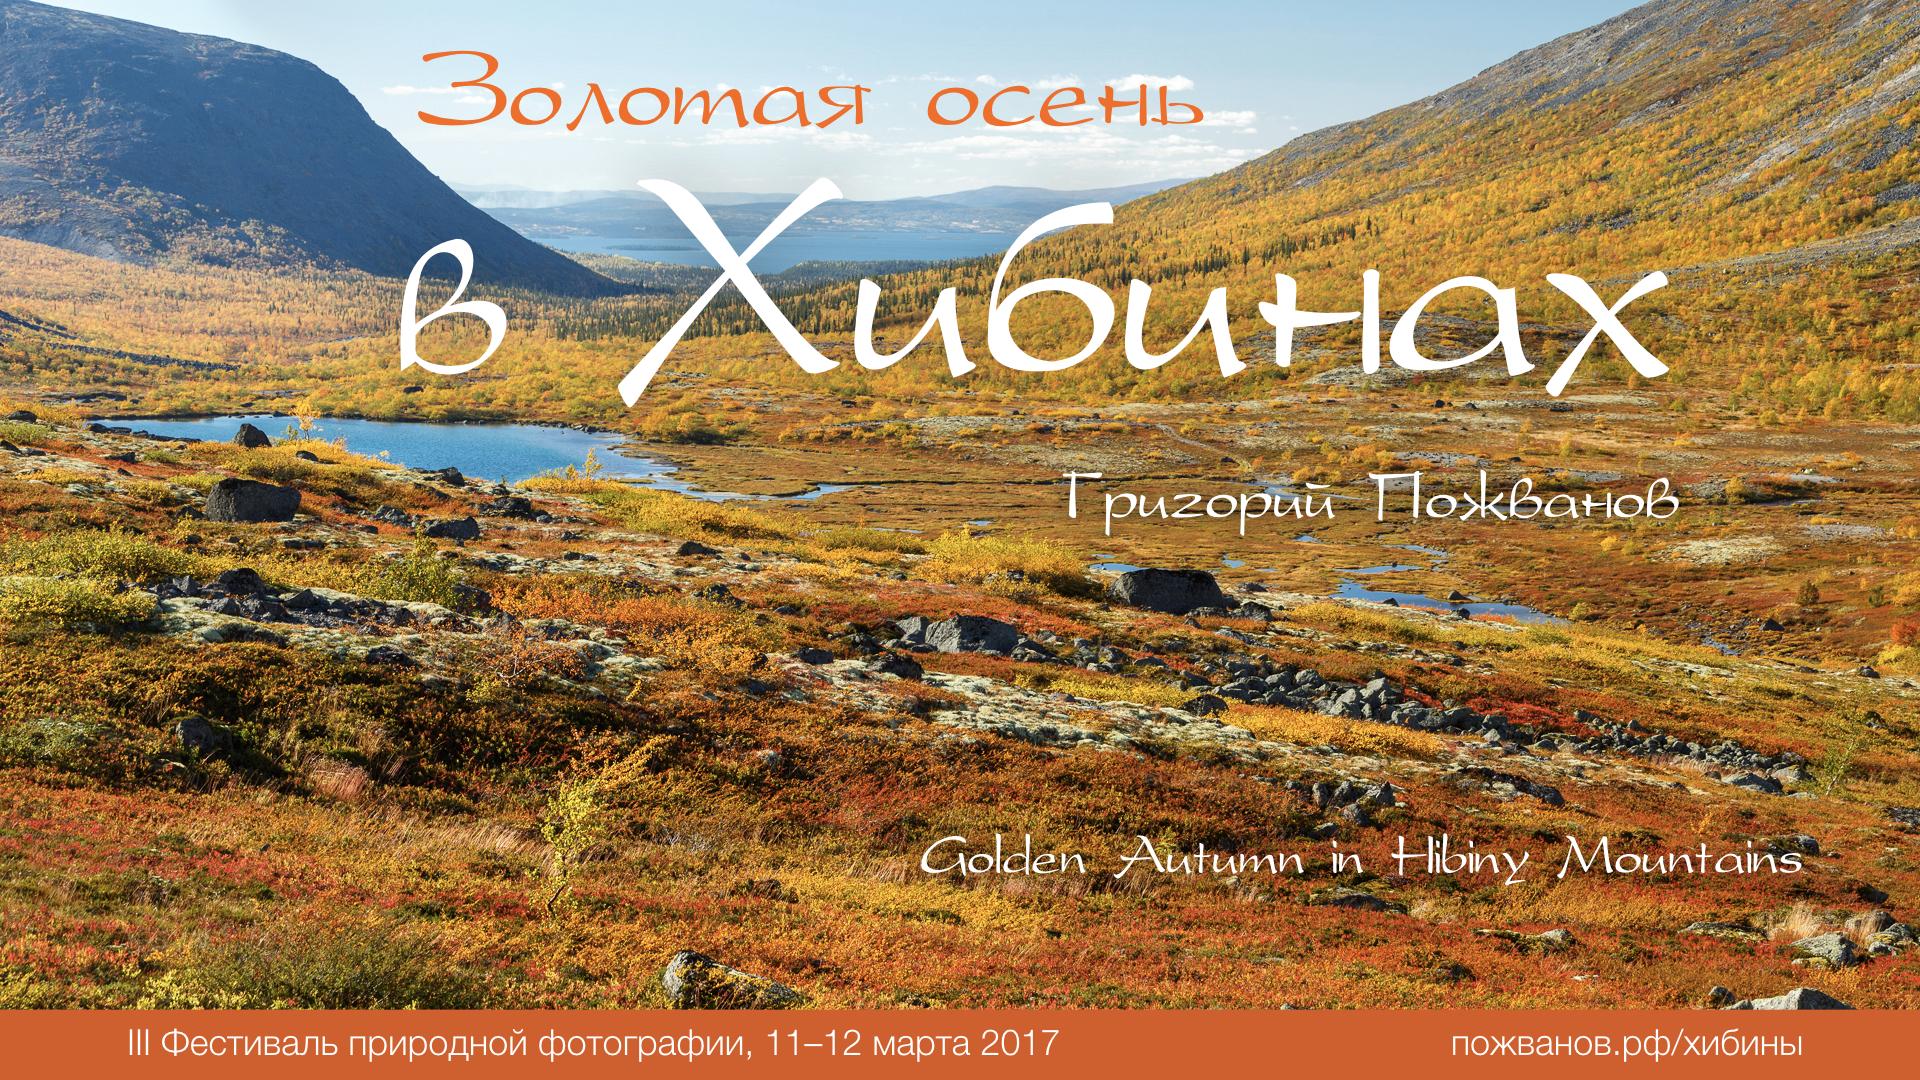 Золотая осень в Хибинах – выступление Григория Пожванова в РГО 12.03.2017